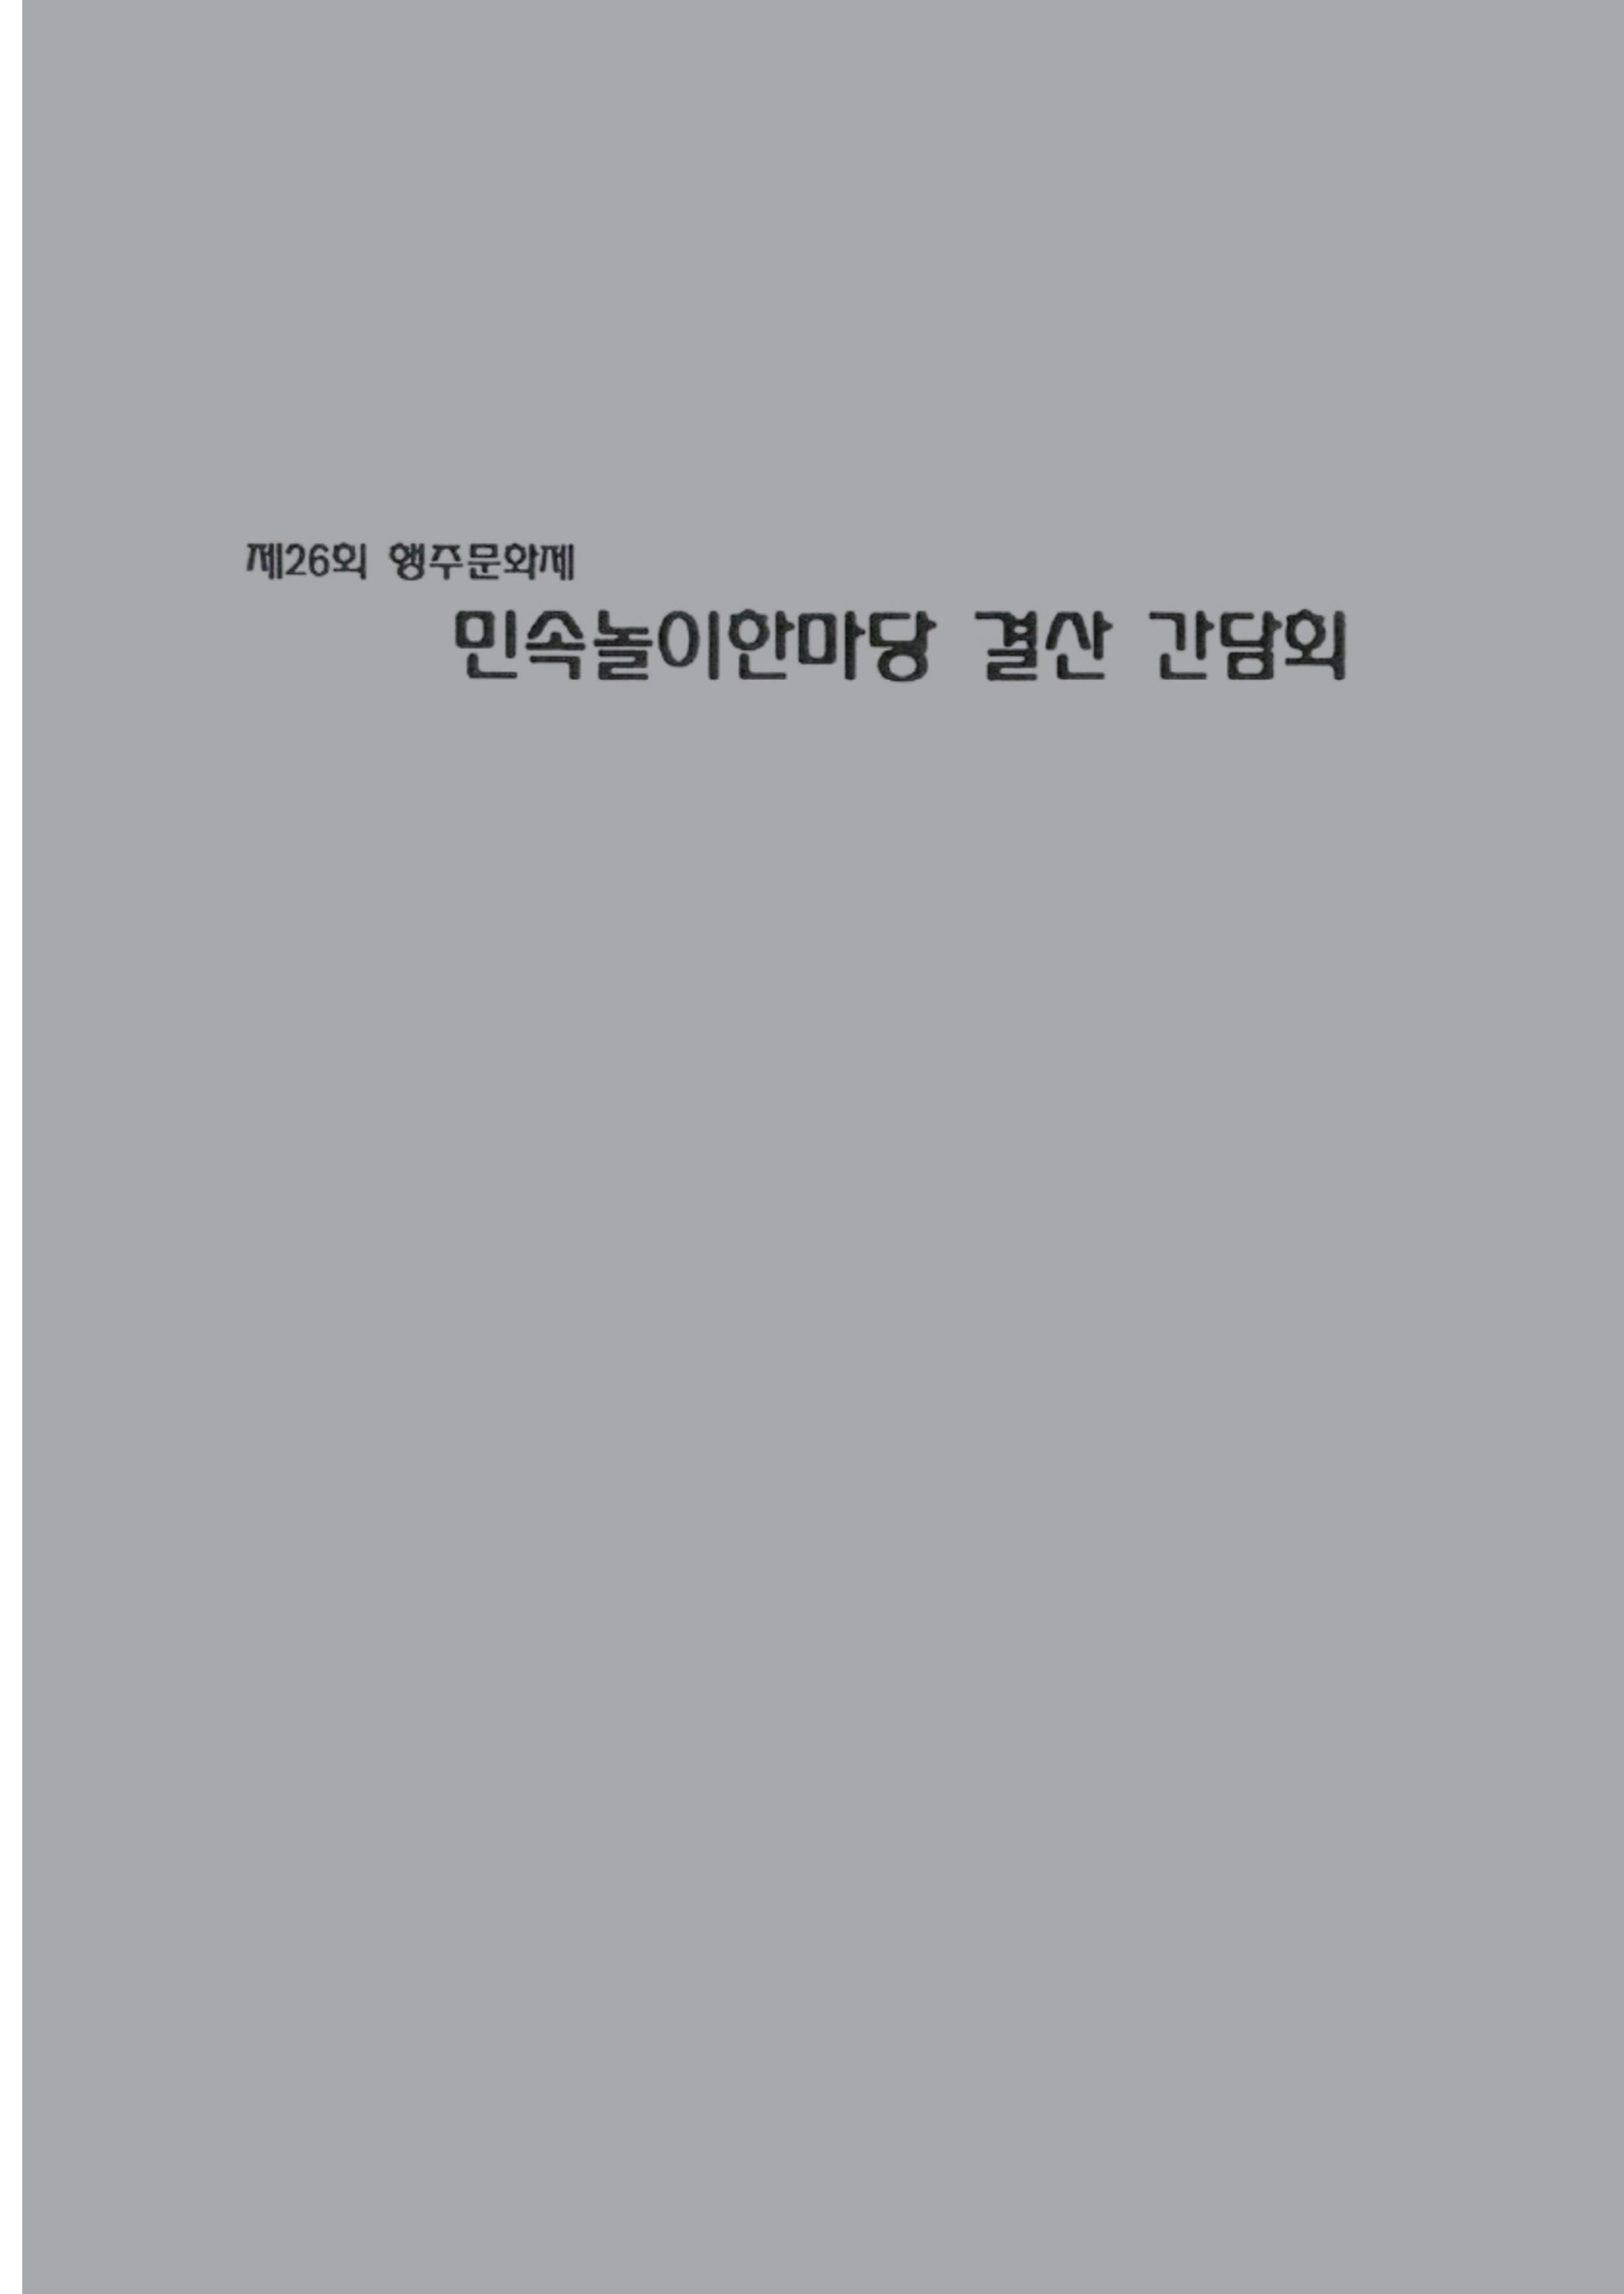 제26회 행주문화제 민속놀이한마당 결산 간담회